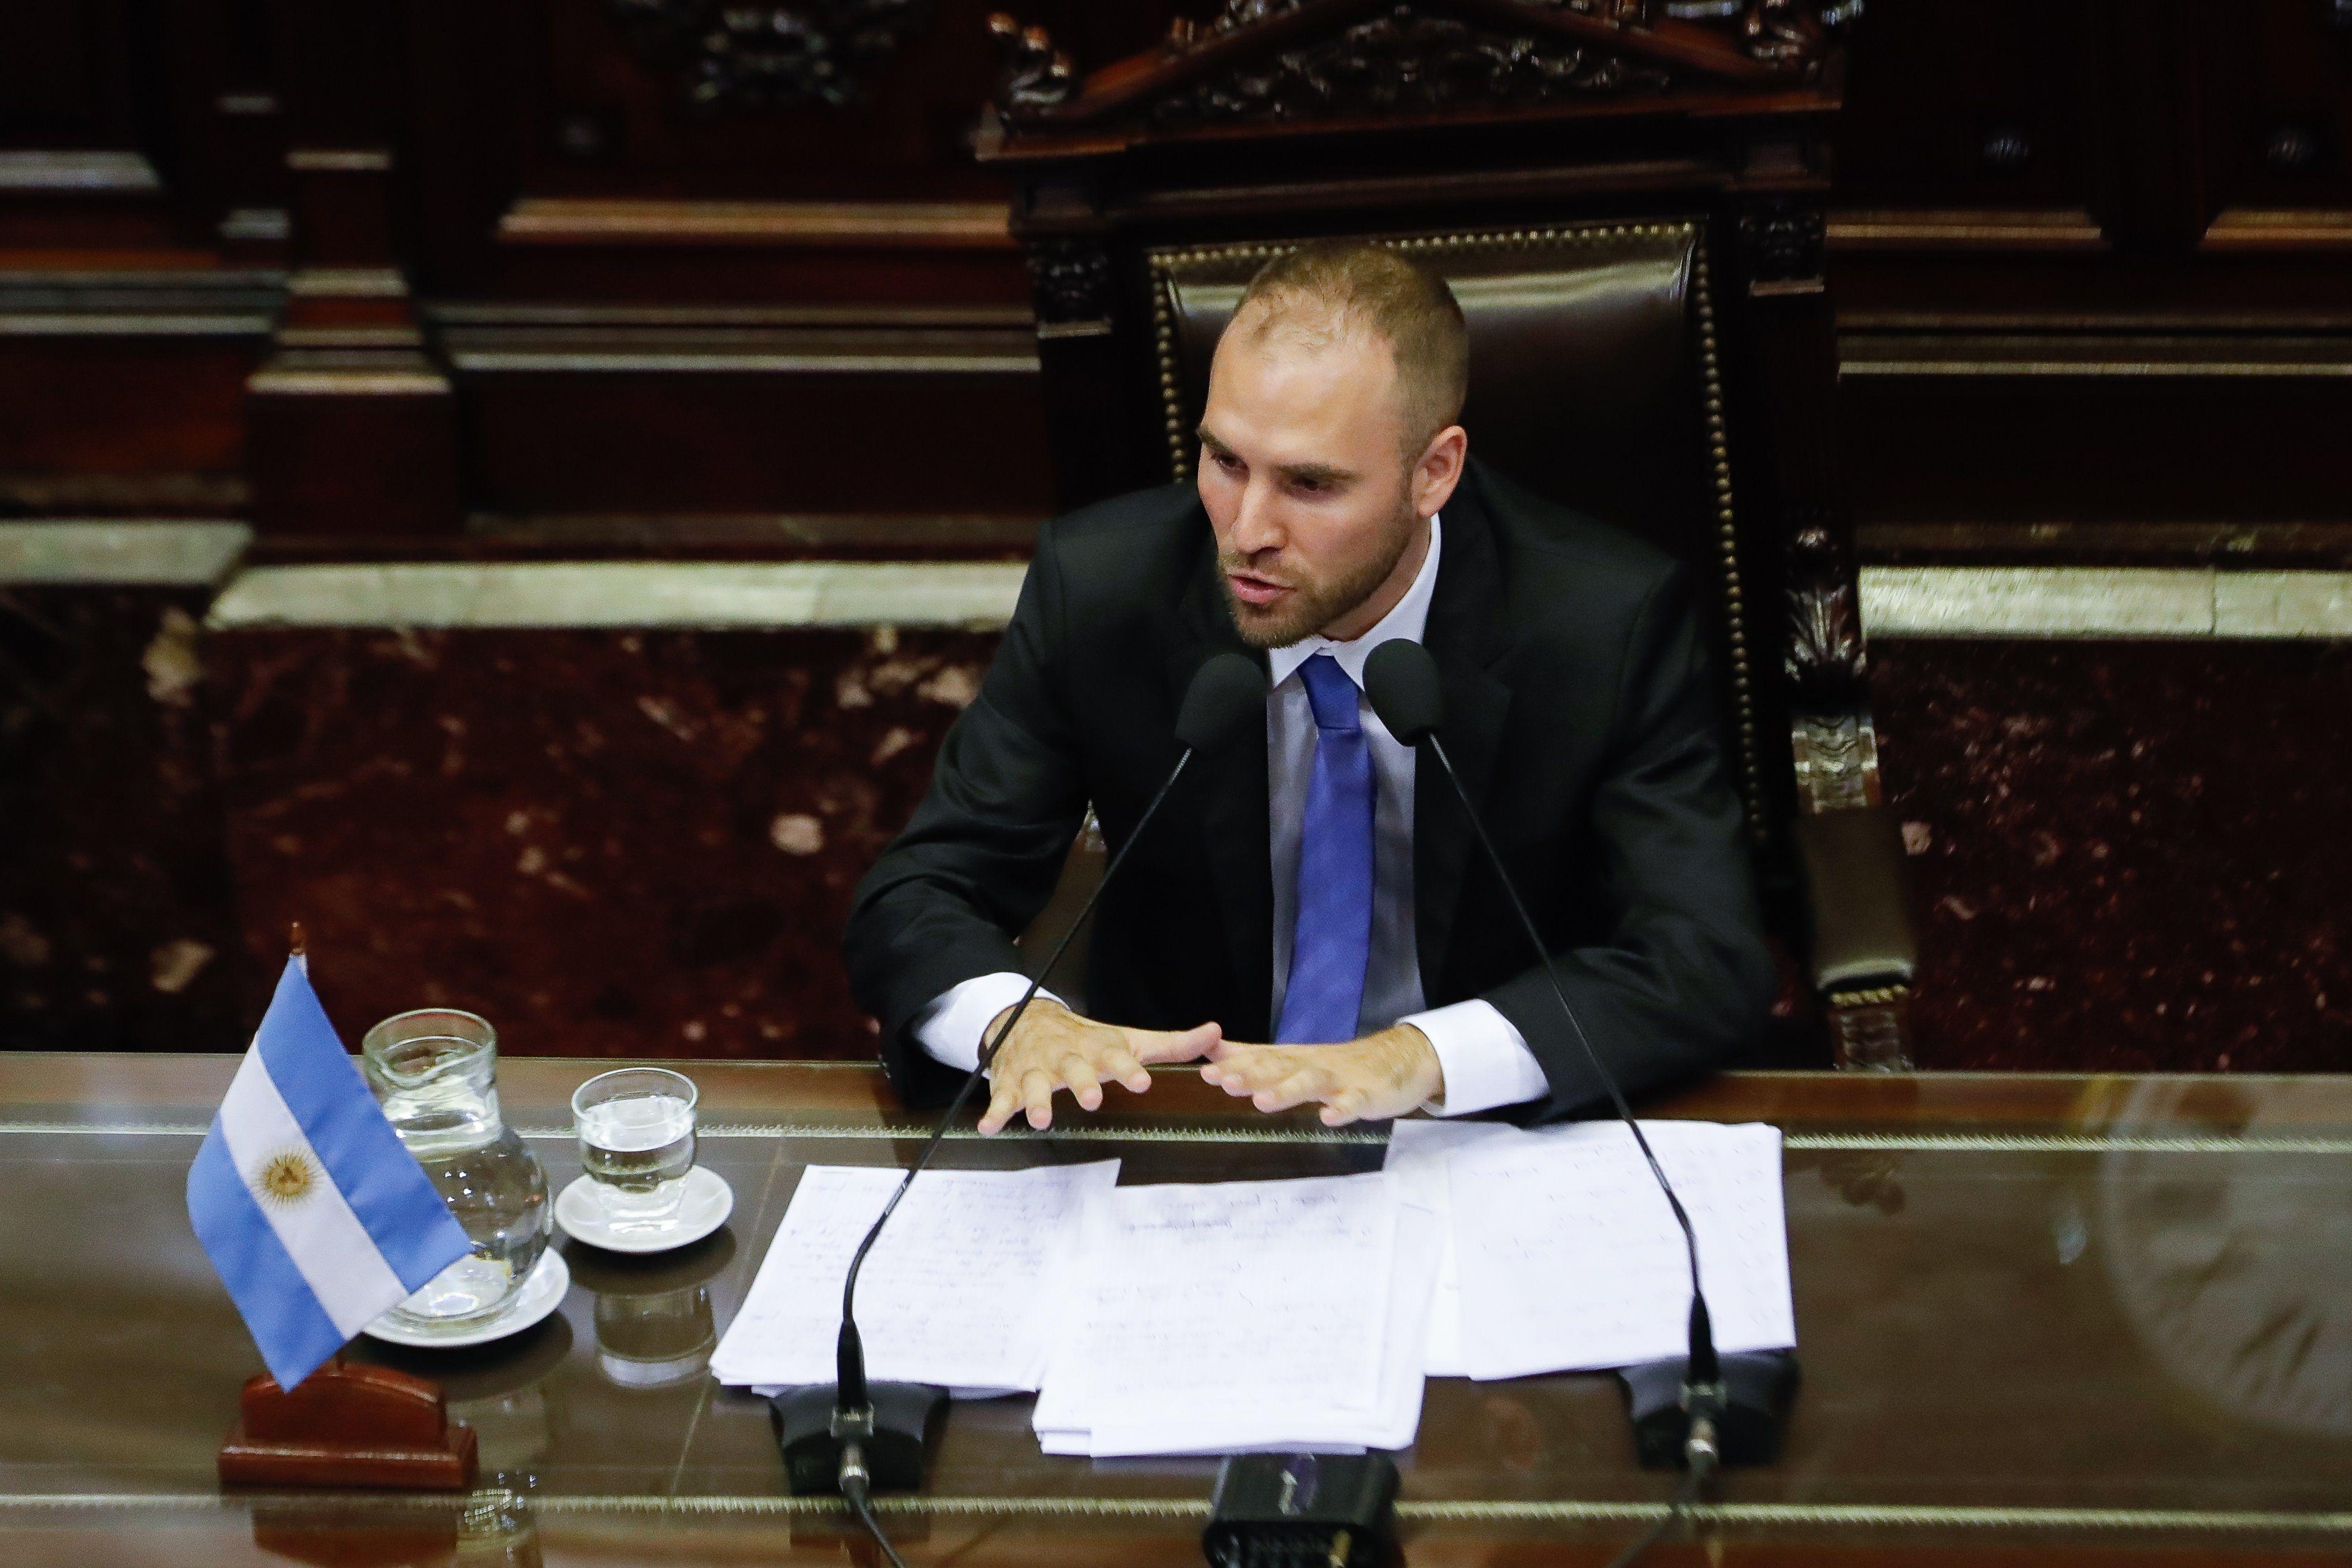 El Presupuesto 2021 es la hoja de ruta del ministro de Economía, Martín Guzmán, para ir encarrilando la economía